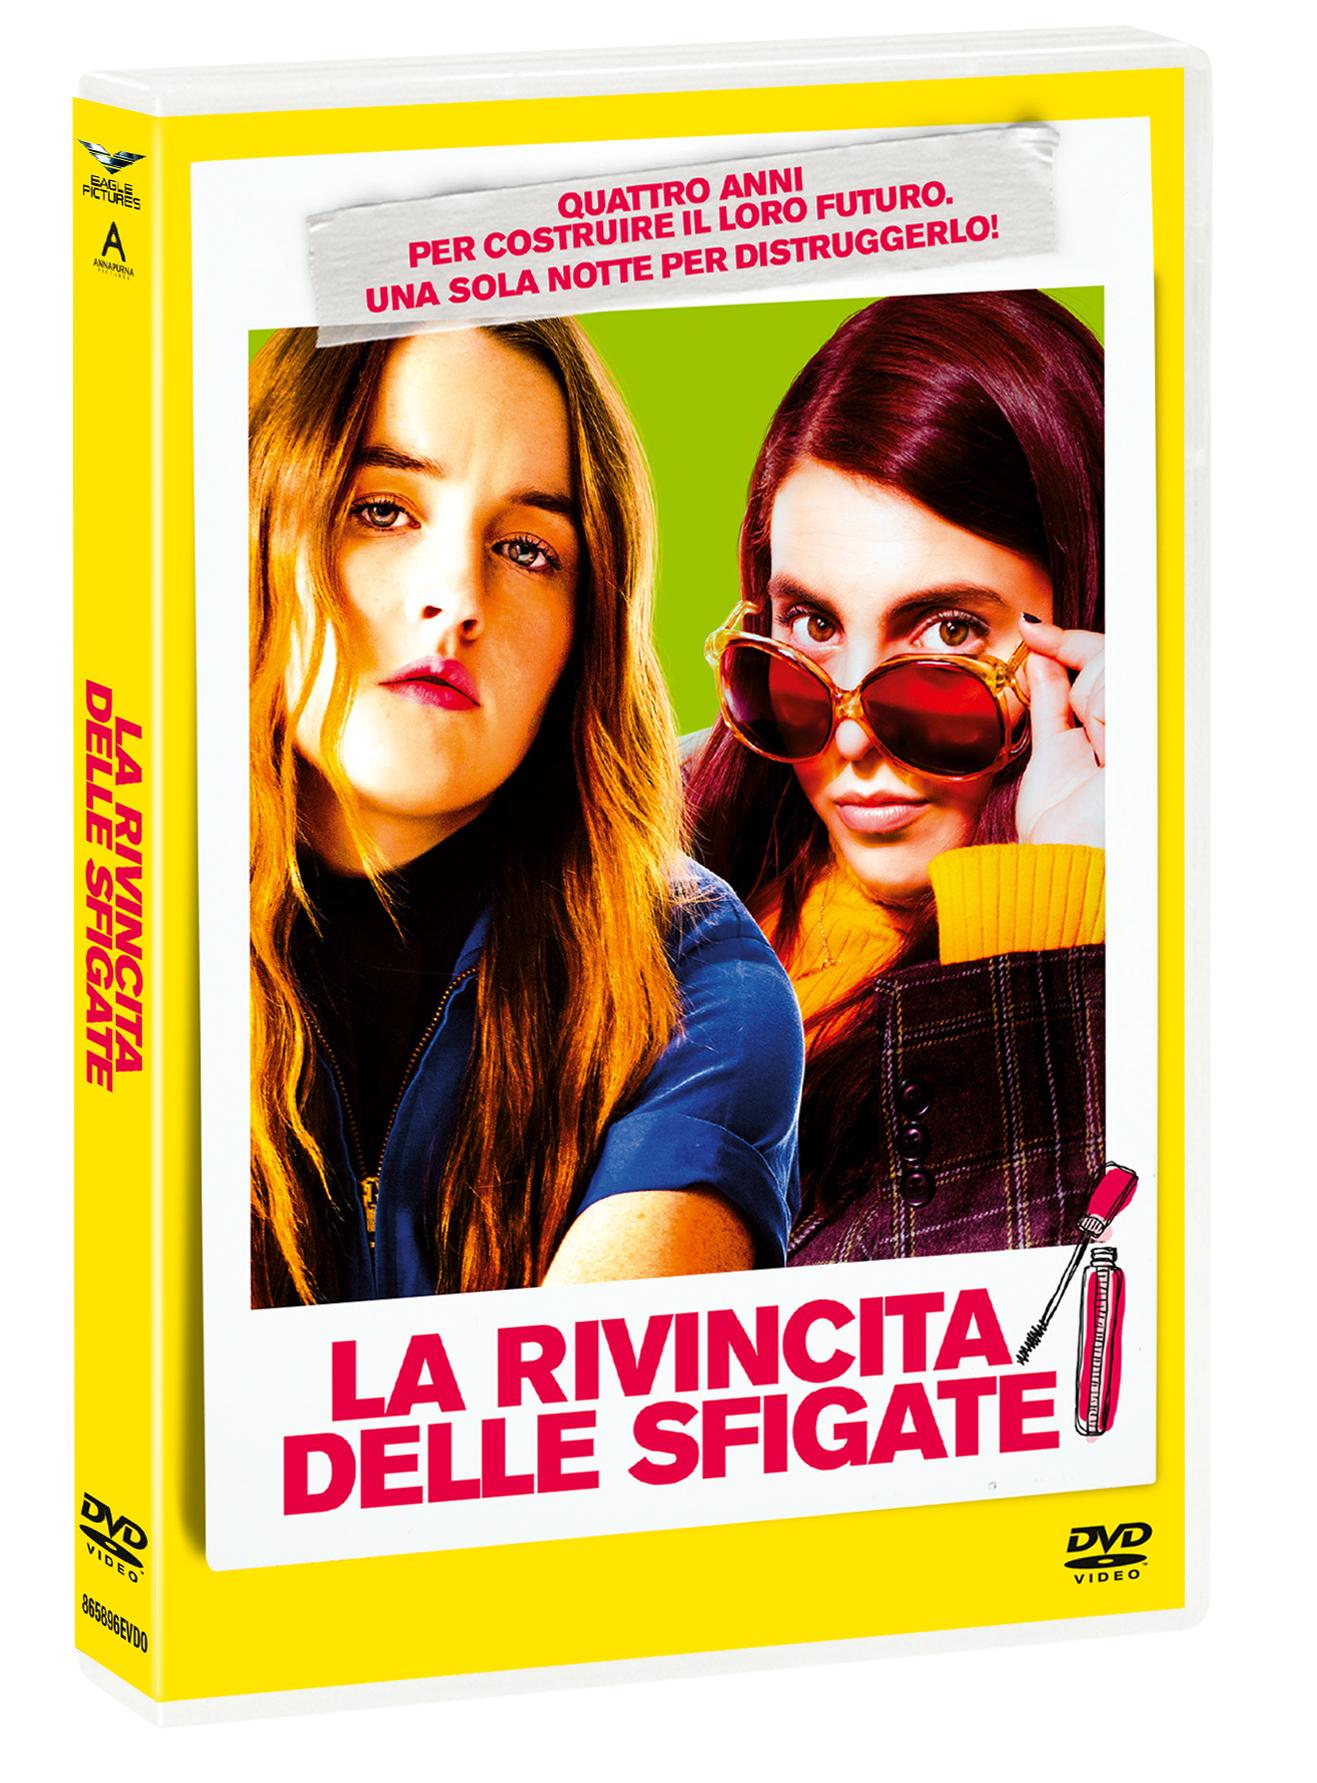 LA RIVINCITA DELLE SFIGATE (DVD)